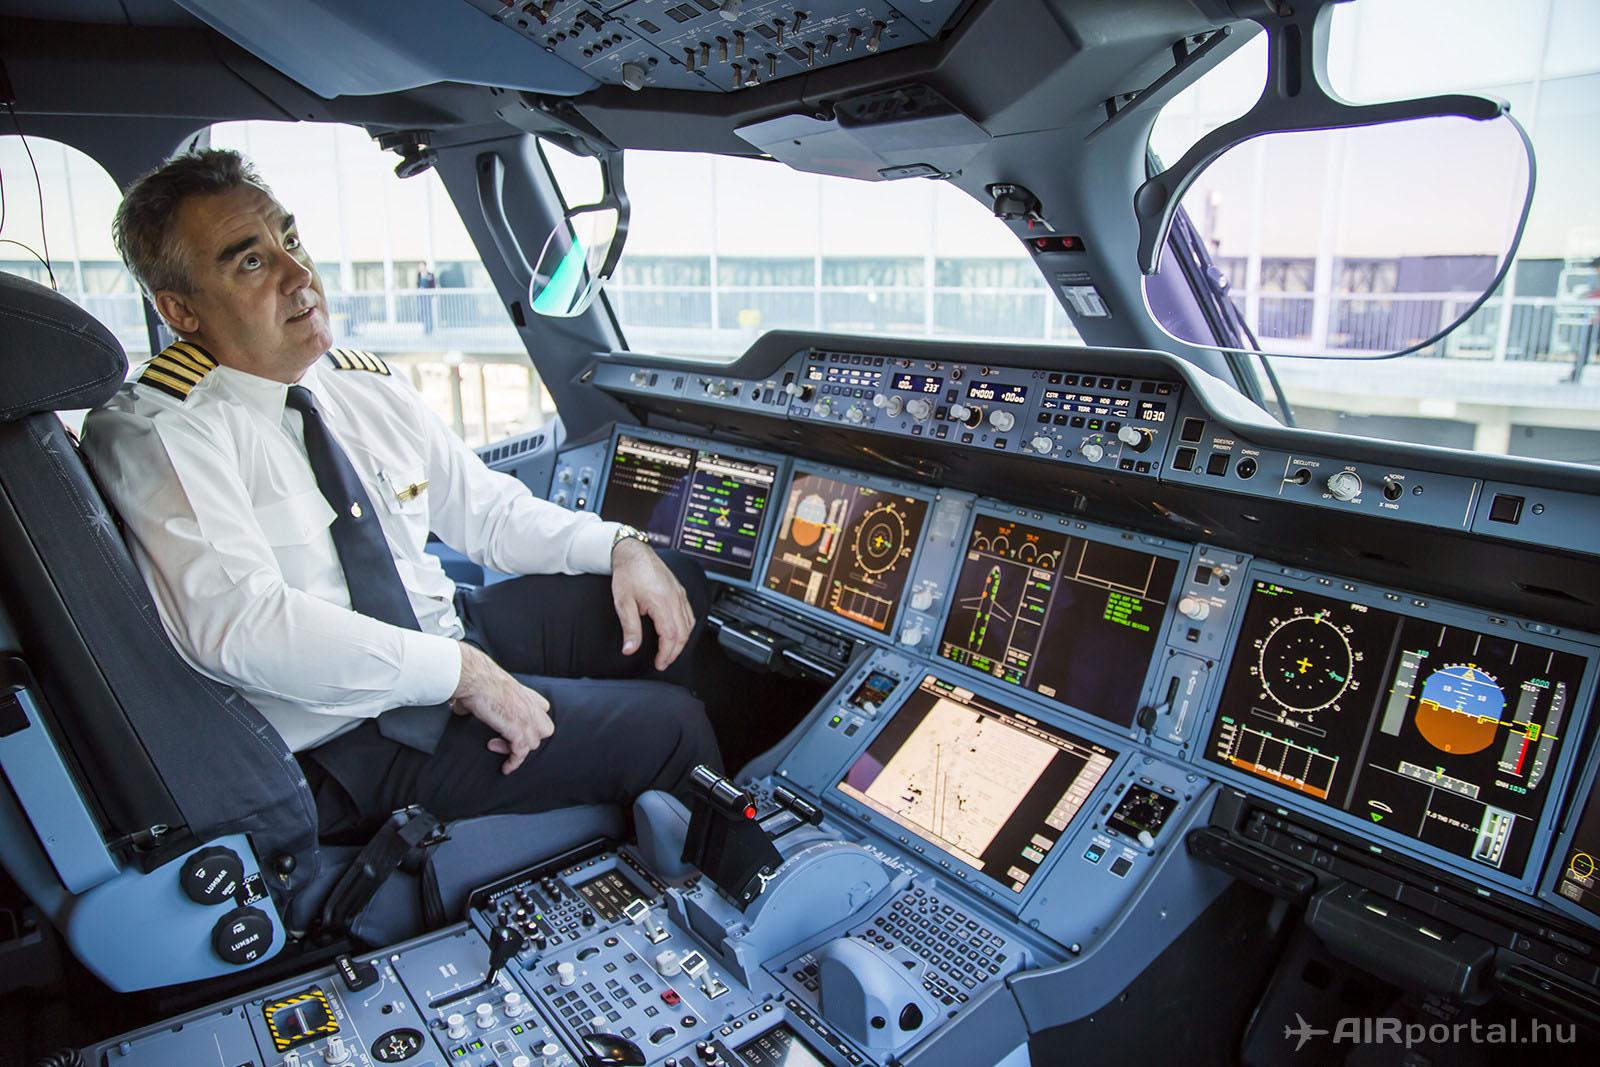 Pilótafülke a leszállást követően. (Fotó: AIRportal.hu)   © AIRportal.hu